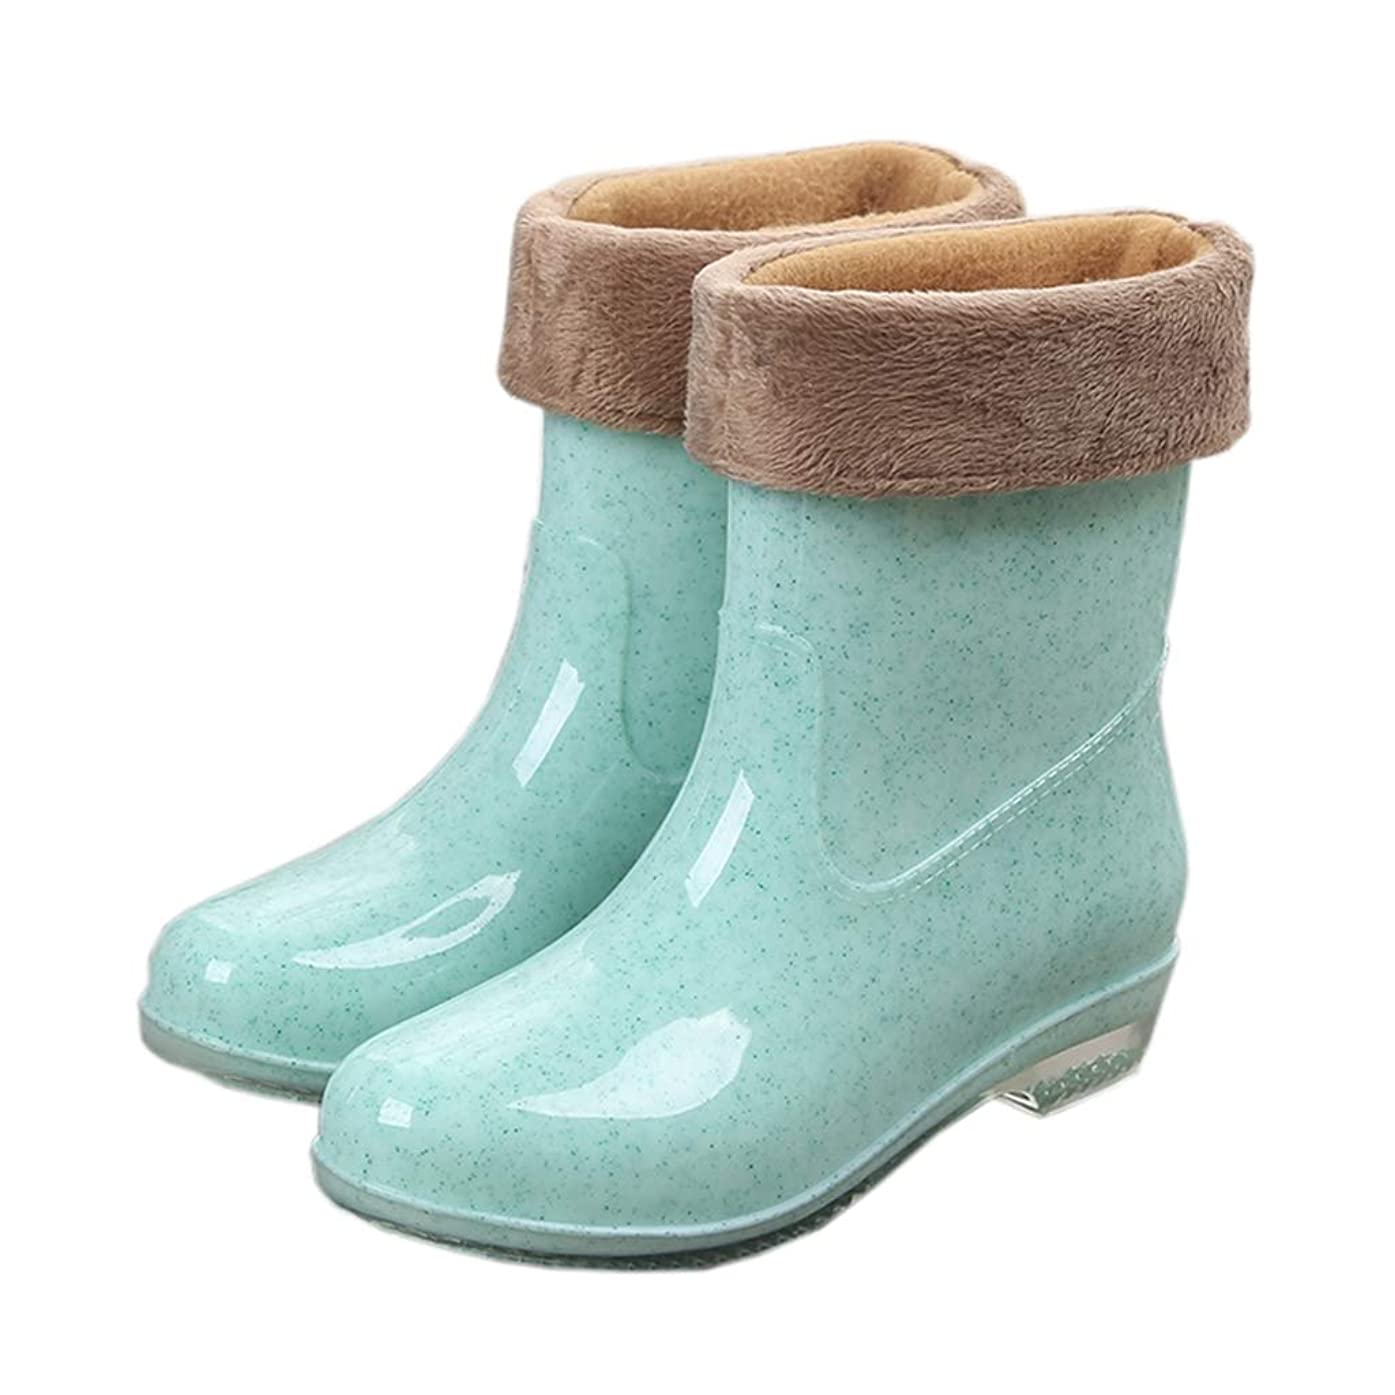 名前を作るヒロインお風呂を持っている[テンカ]レインブーツ レディース ヒール レインシューズ 長靴 雨靴 おしゃれ 防水 ロング 軽量 防滑 無地 ガールズ かわいい 通勤 通学 梅雨対策 快適 美脚 履きやすい 歩きやすい 可愛い